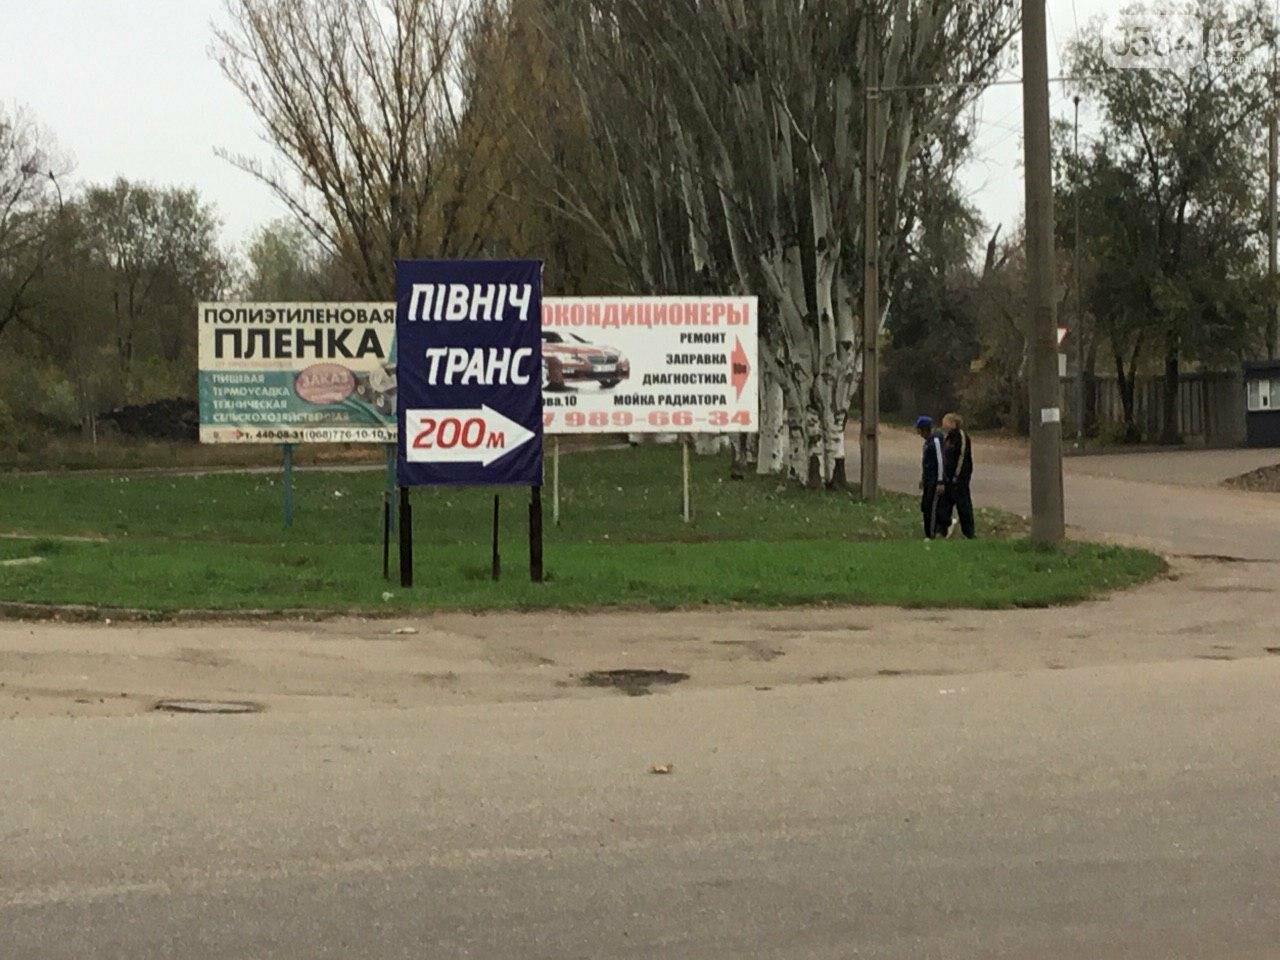 Депутат: в центре Кривого Рога 15 лет незаконно используют участок земли, - ФОТО, ВИДЕО, фото-12